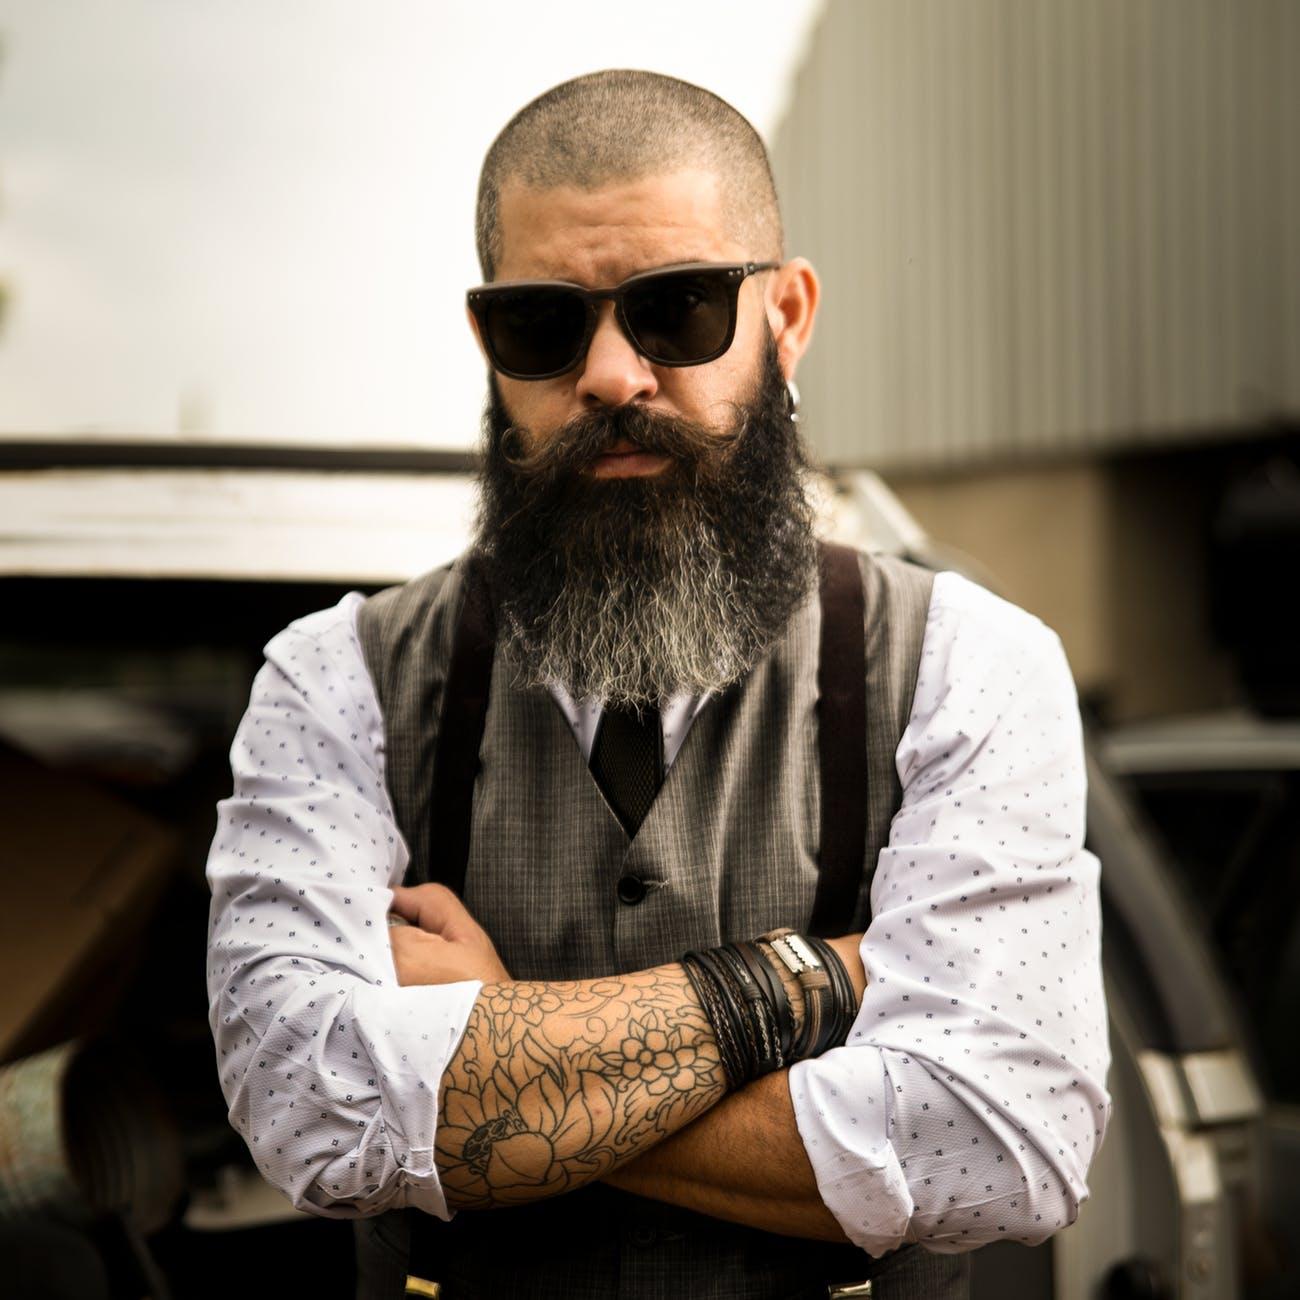 barba crespa 7 - Barba crespa: existe um jeito certo de cuidar?